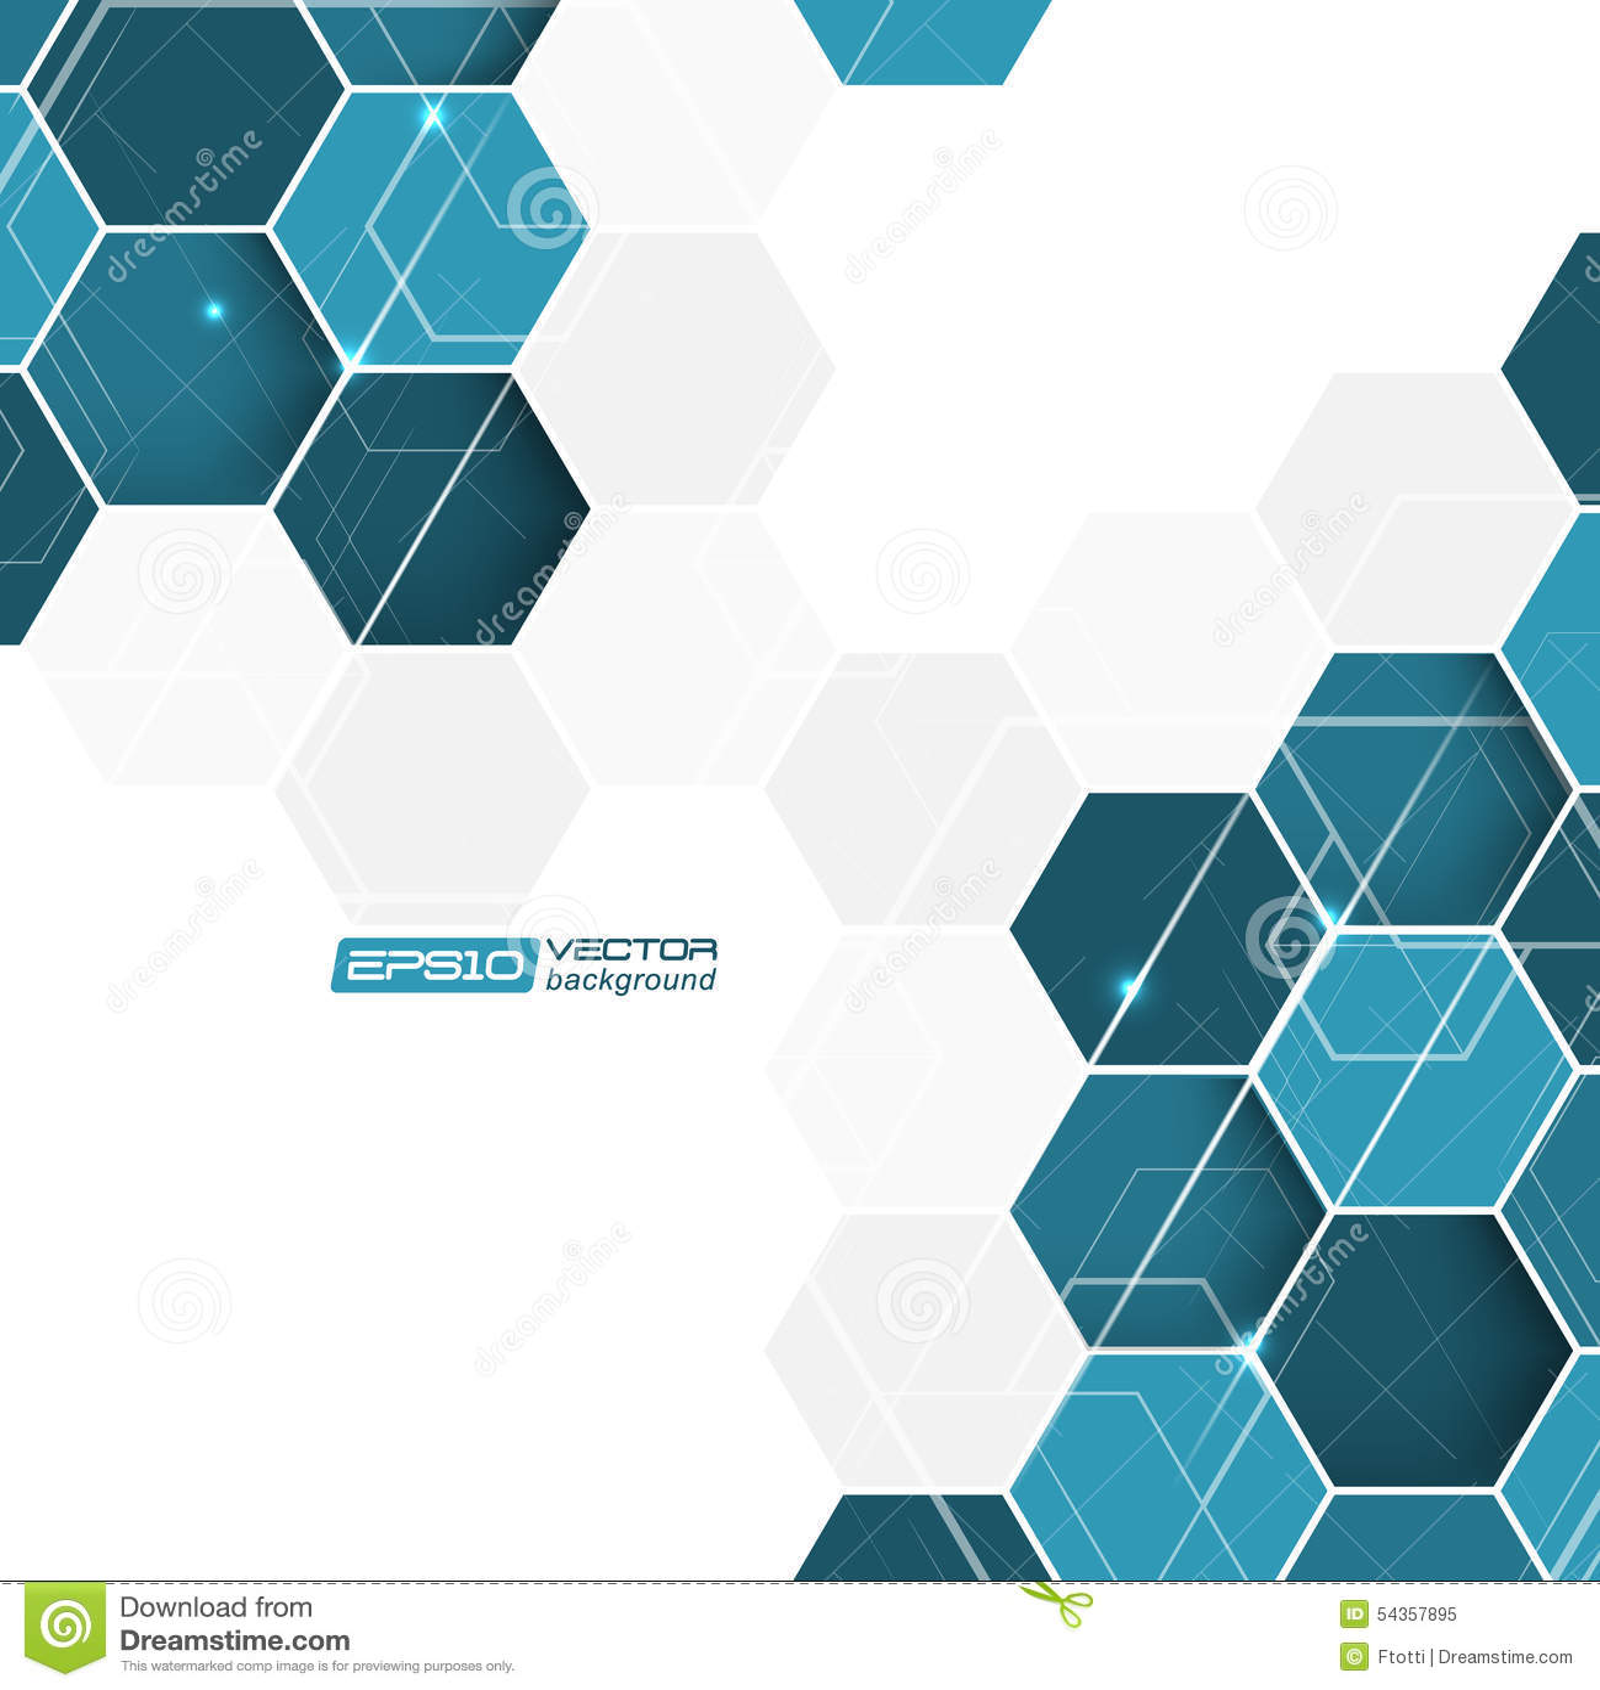 blue hexagonal pattern vector - photo #22